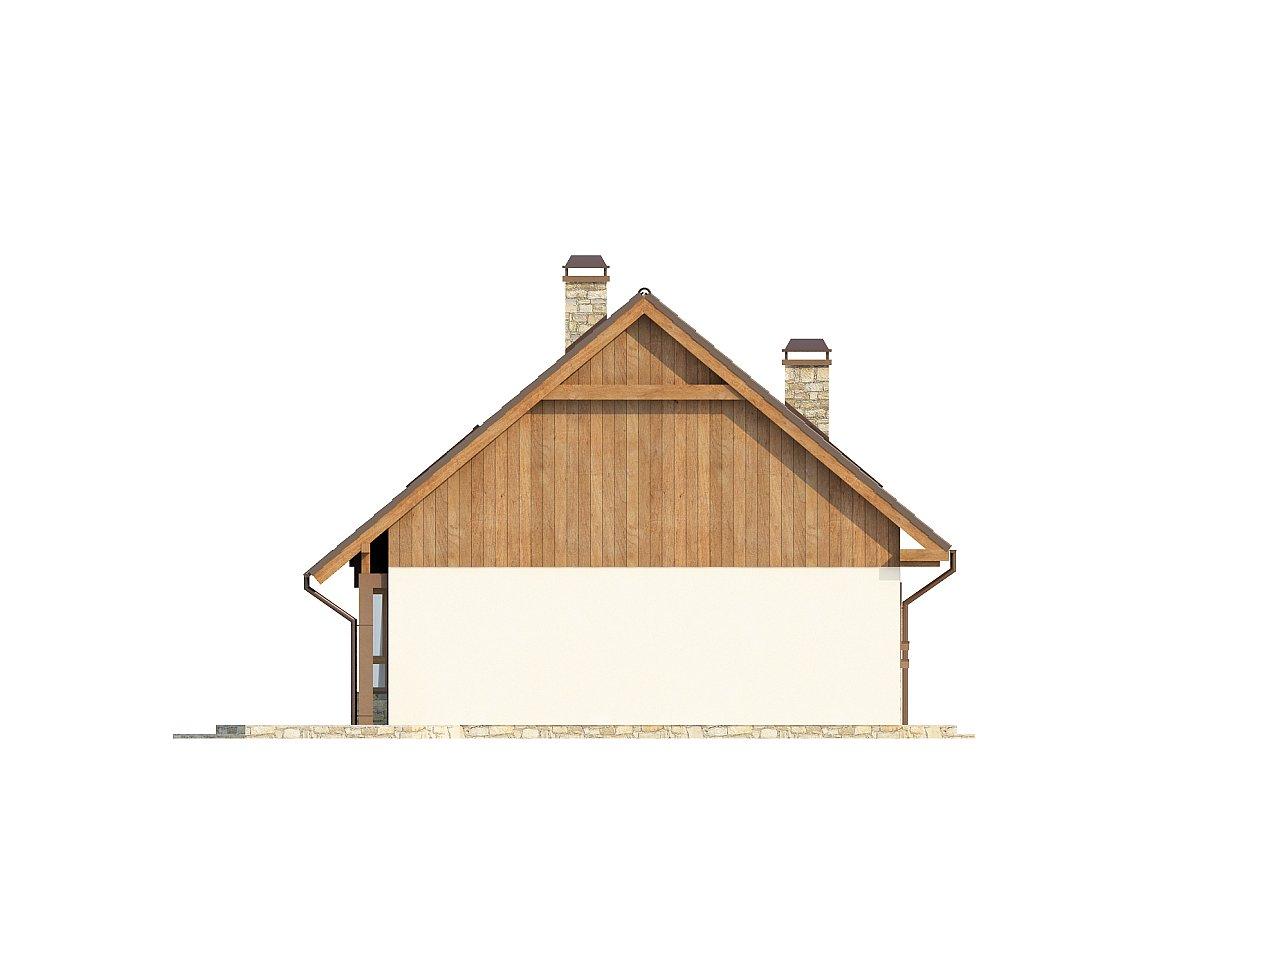 Выгодный и простой в строительстве дом с эркером в дневной зоне. 23